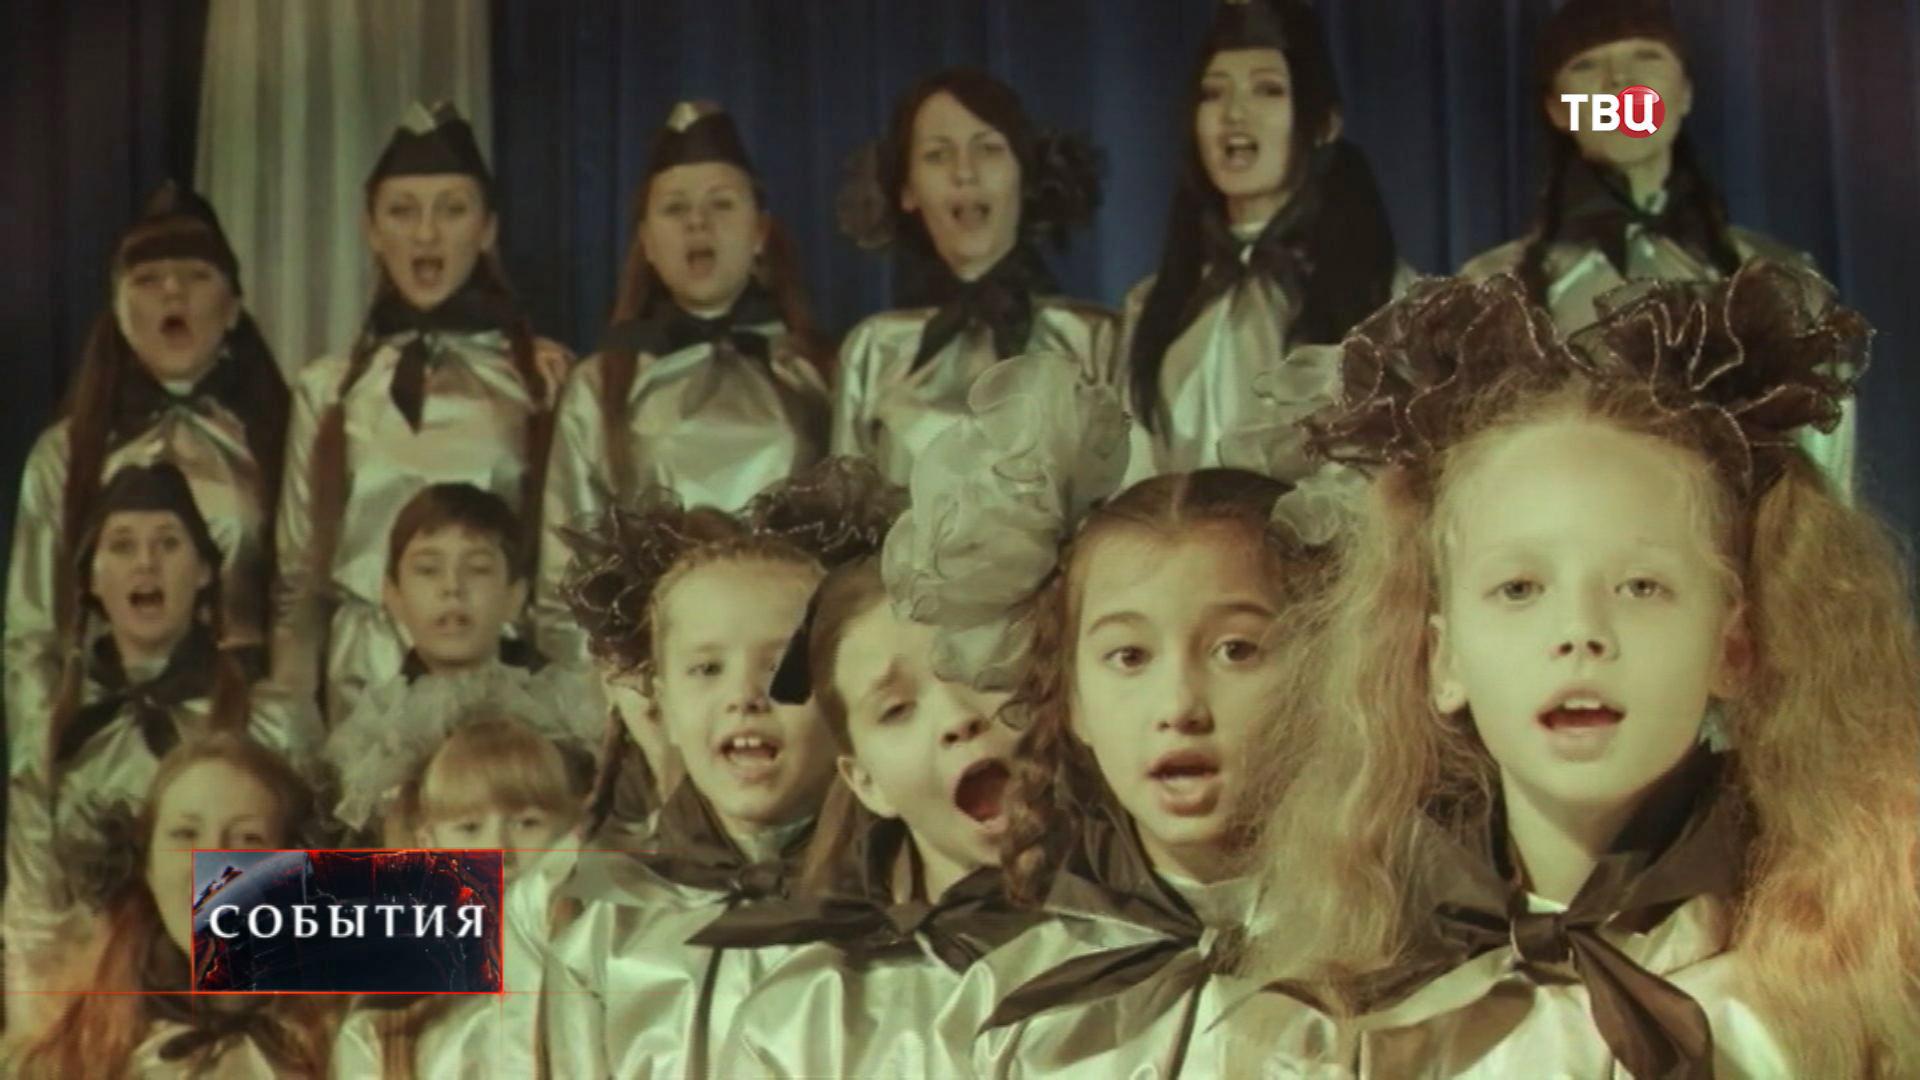 Пионеры исполняют песню про комсомол